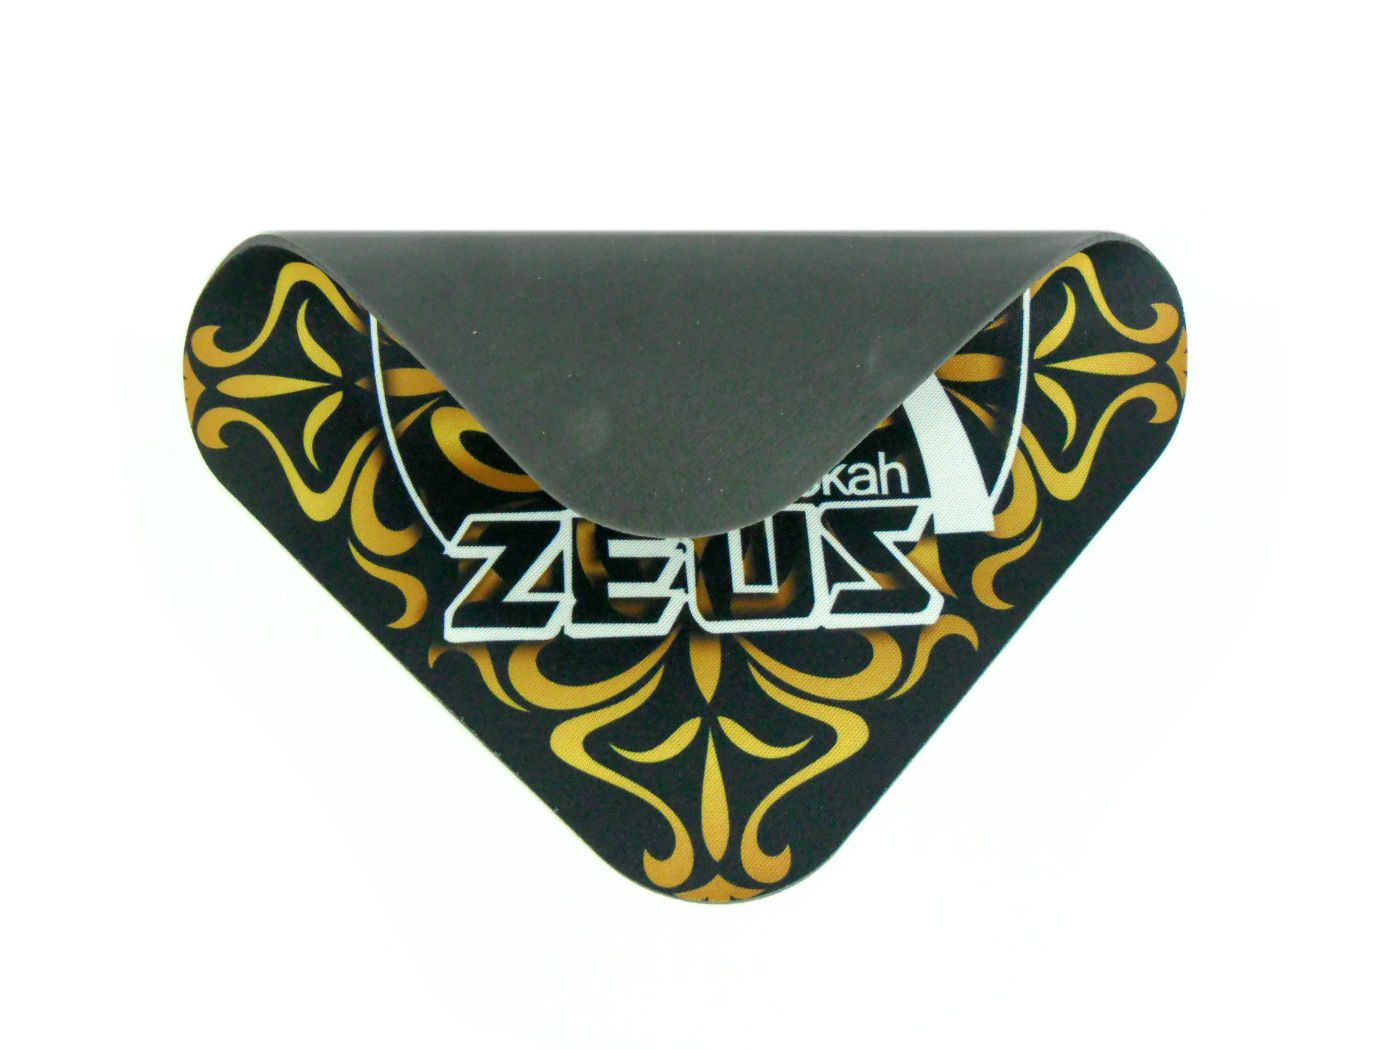 Proteção / tapete para narguile (Shisha Pad) em E.V.A. e tecido, estampa Zeus. Formato quadrado 20cm